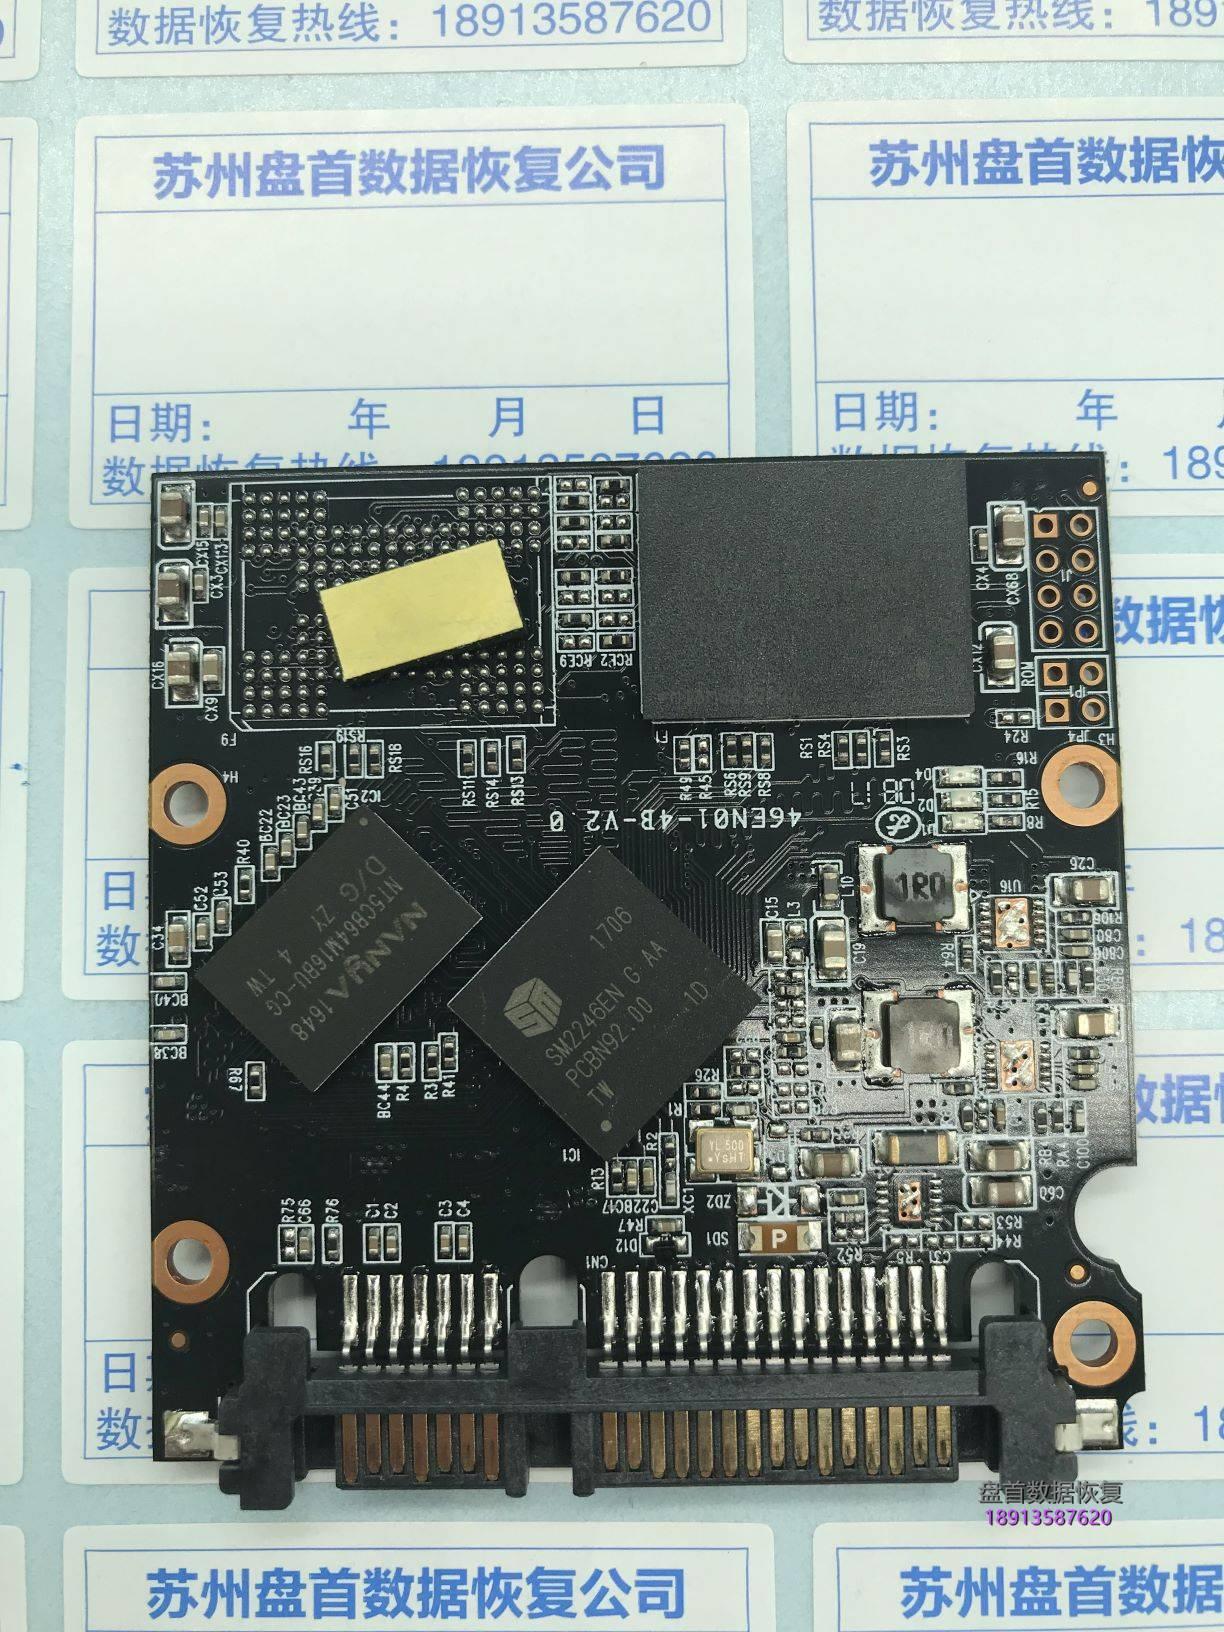 0-2 成功完美修复众拾ADV120G固态硬盘无法识别不认盘主控SM2246EN G AA